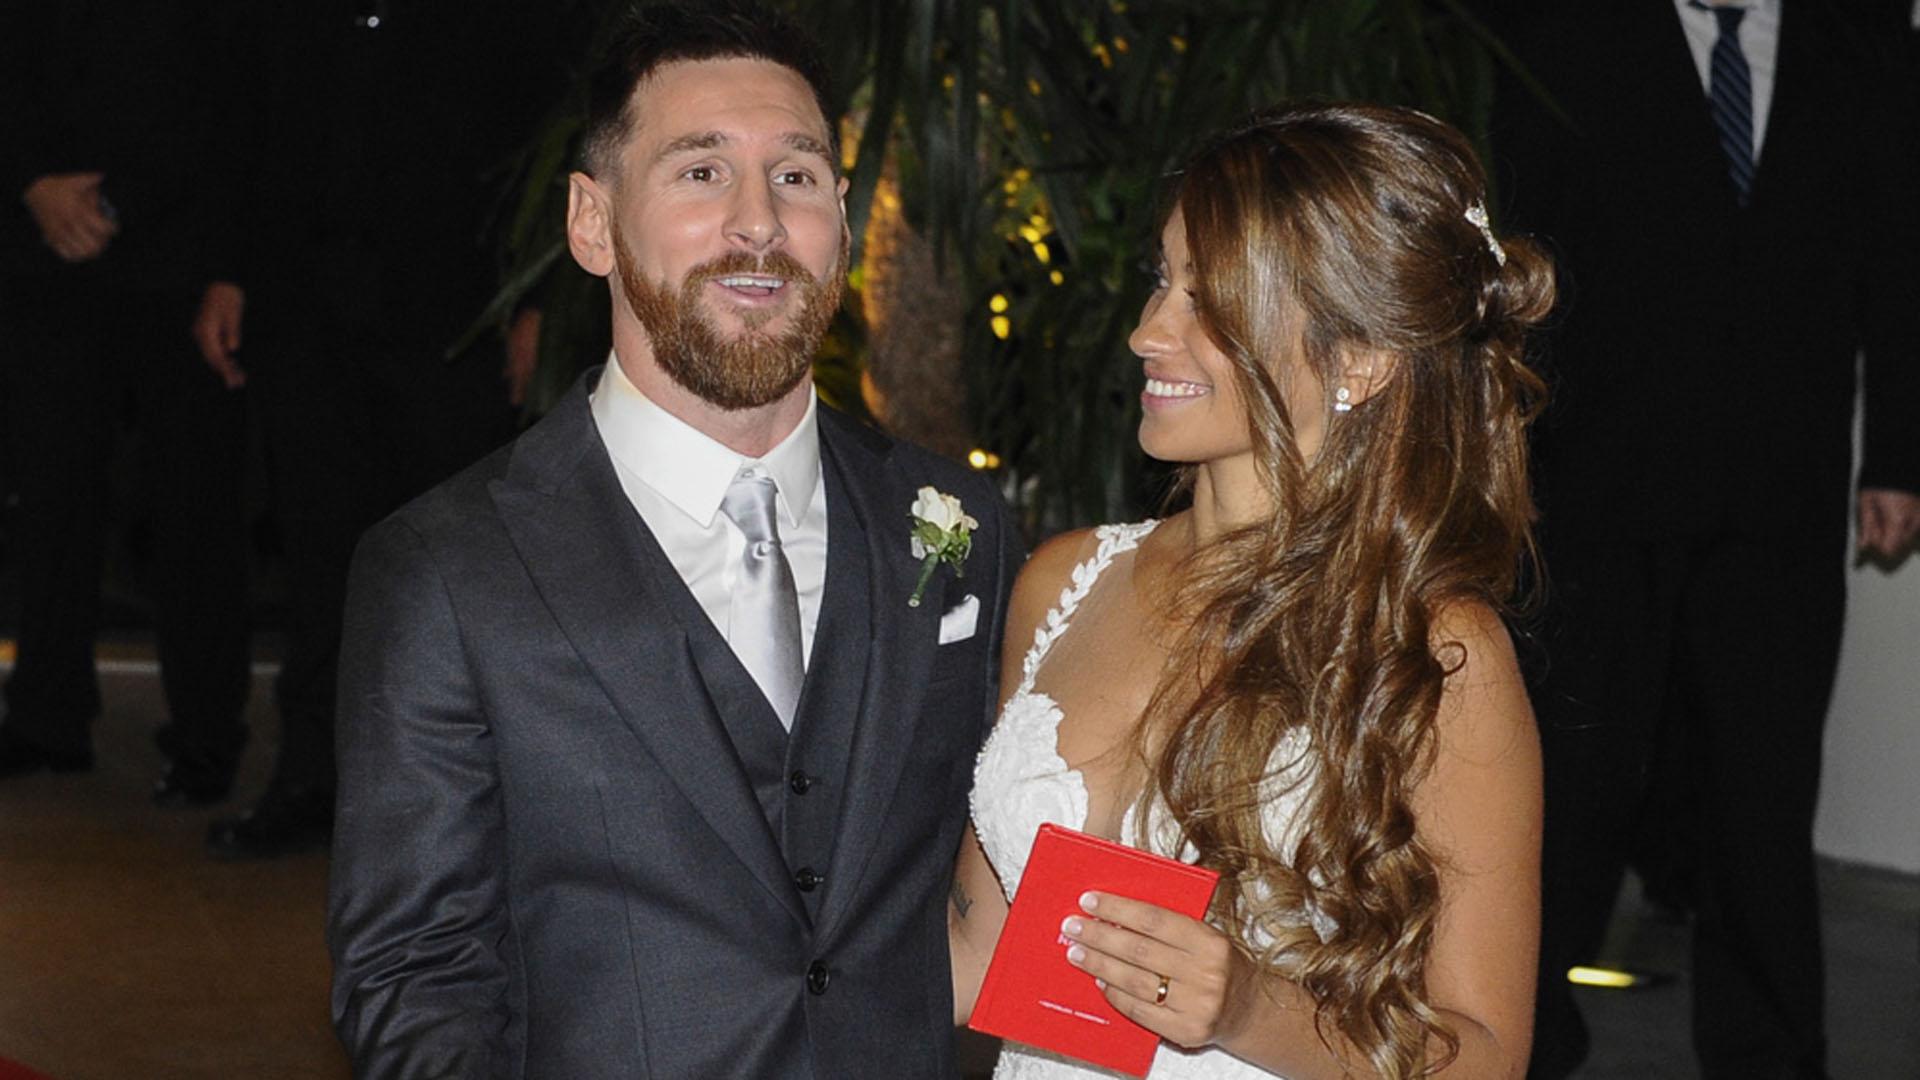 Messi bromea con los fotógrafos(Crédito: Martín Villar)